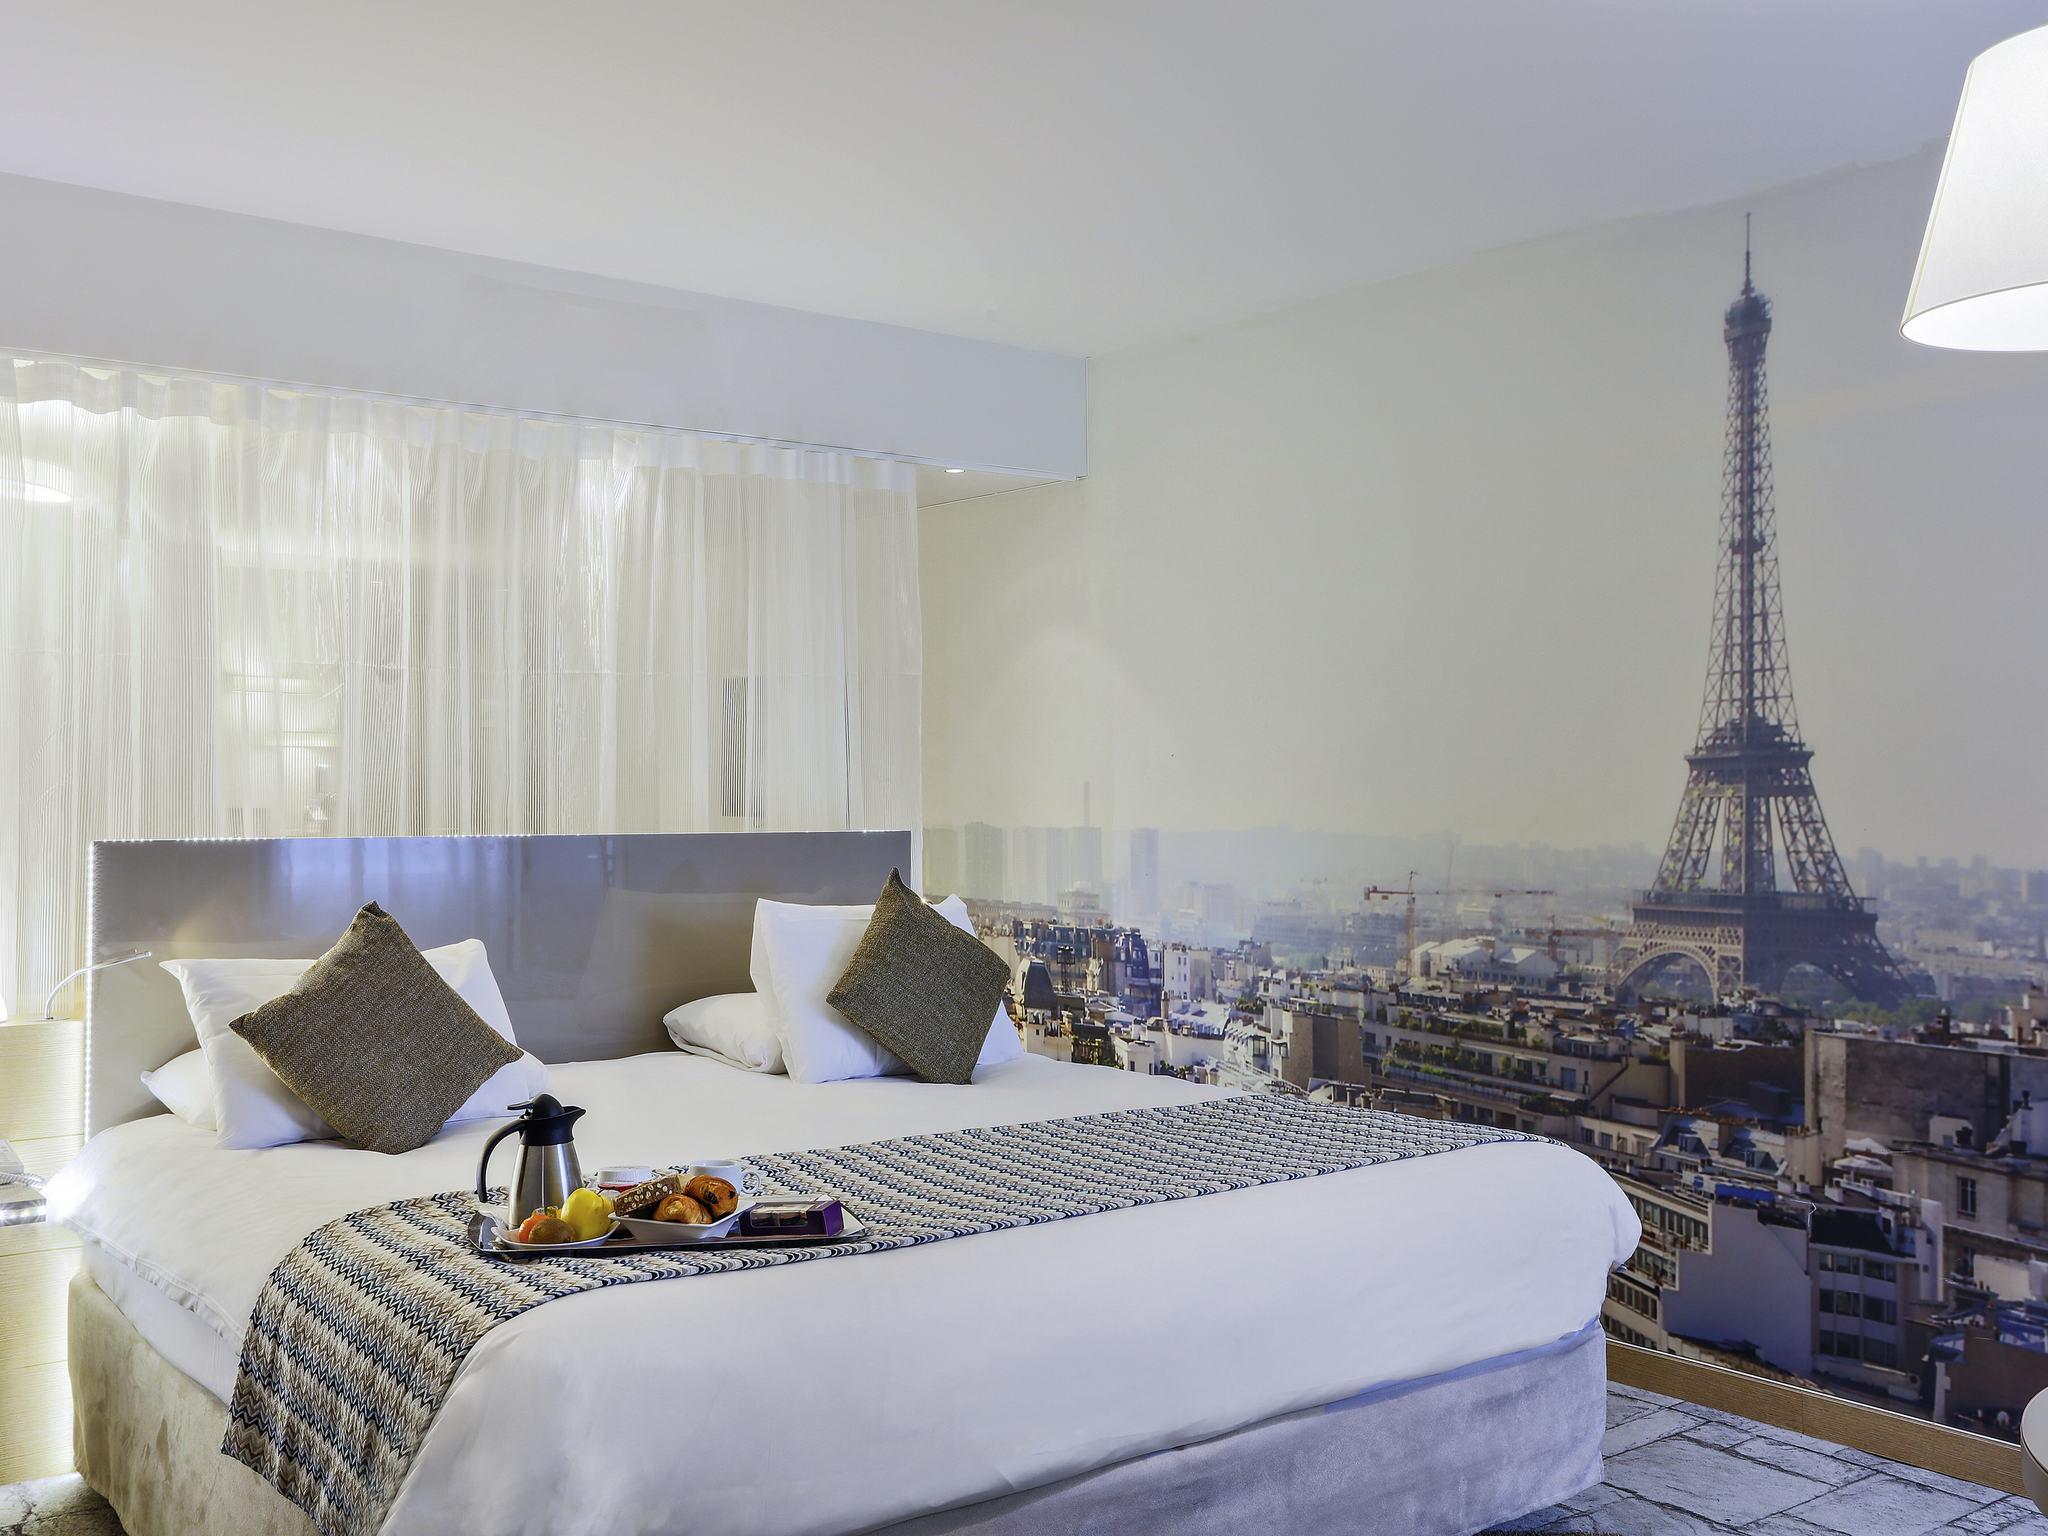 فندق - مركيور Mercure باريس فوجيرار بورت دو فيرساي